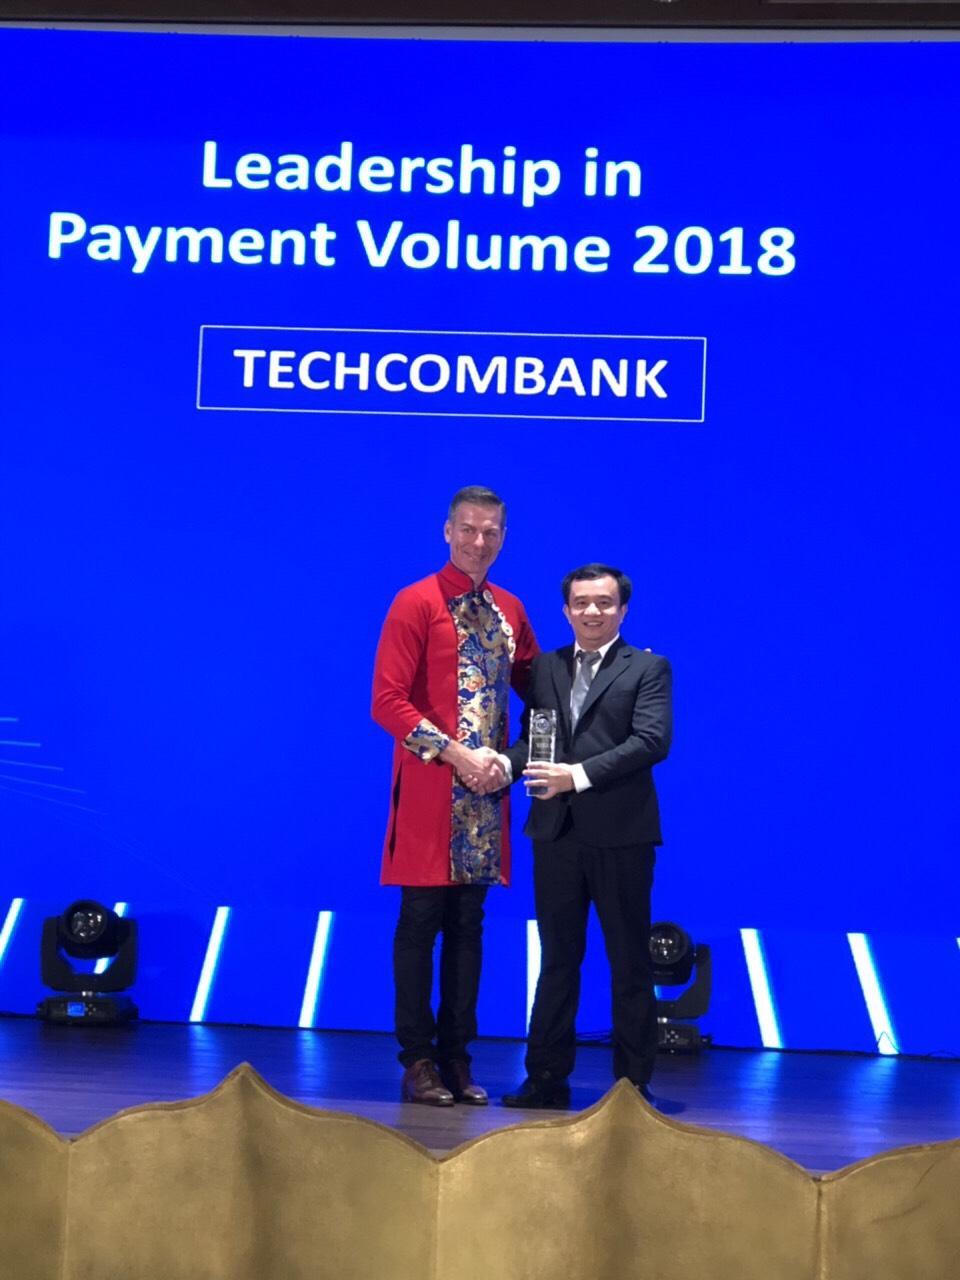 Techcombank dẫn đầu thị trường về doanh số thanh toán qua thẻ Visa tại Việt Nam - Ảnh 2